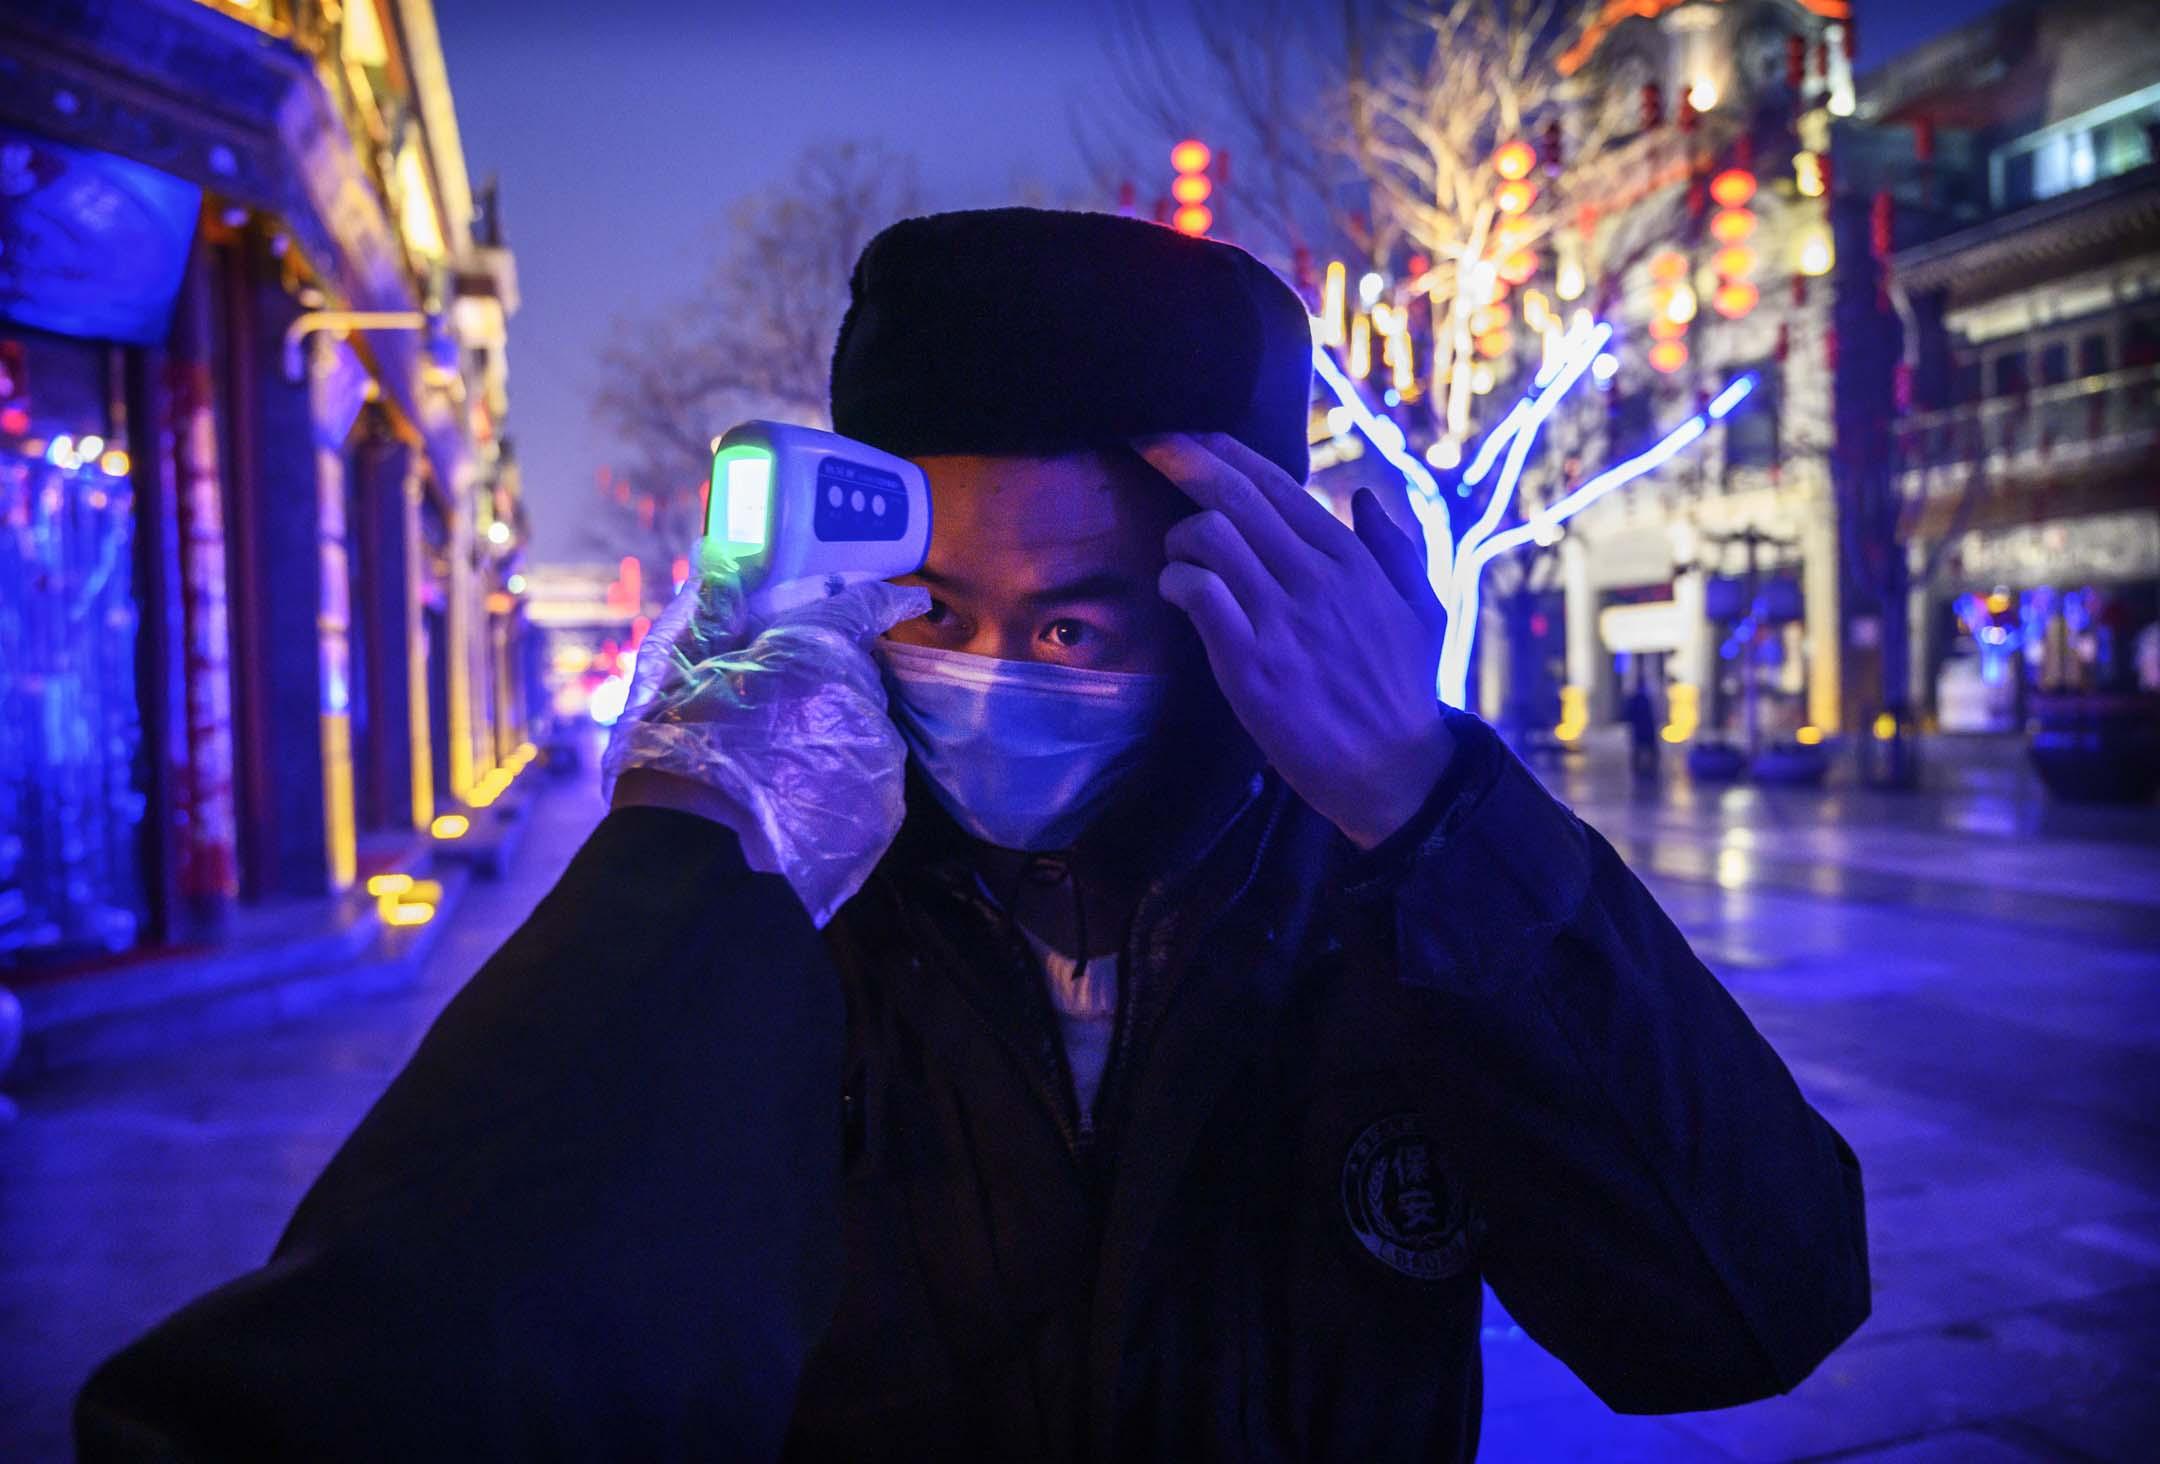 2020年2月12日,北京一條空曠的商業街上,一名戴著防護口罩的工人正被檢測體溫。